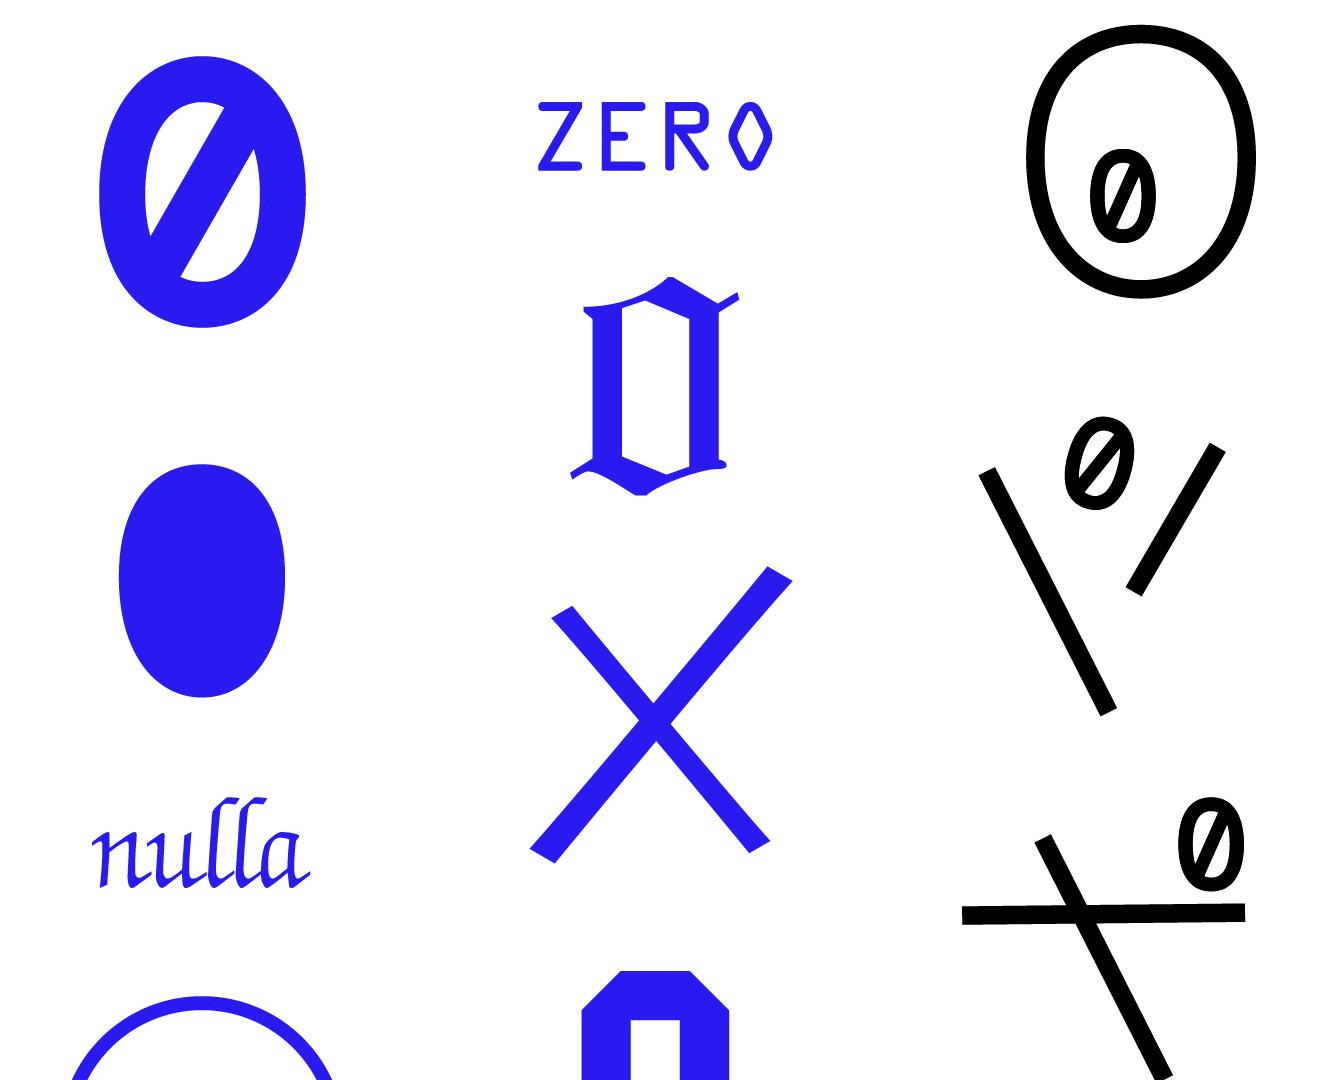 Atelier 0 - Association des étudiants et étudiantes en design de produits de l'Université Laval